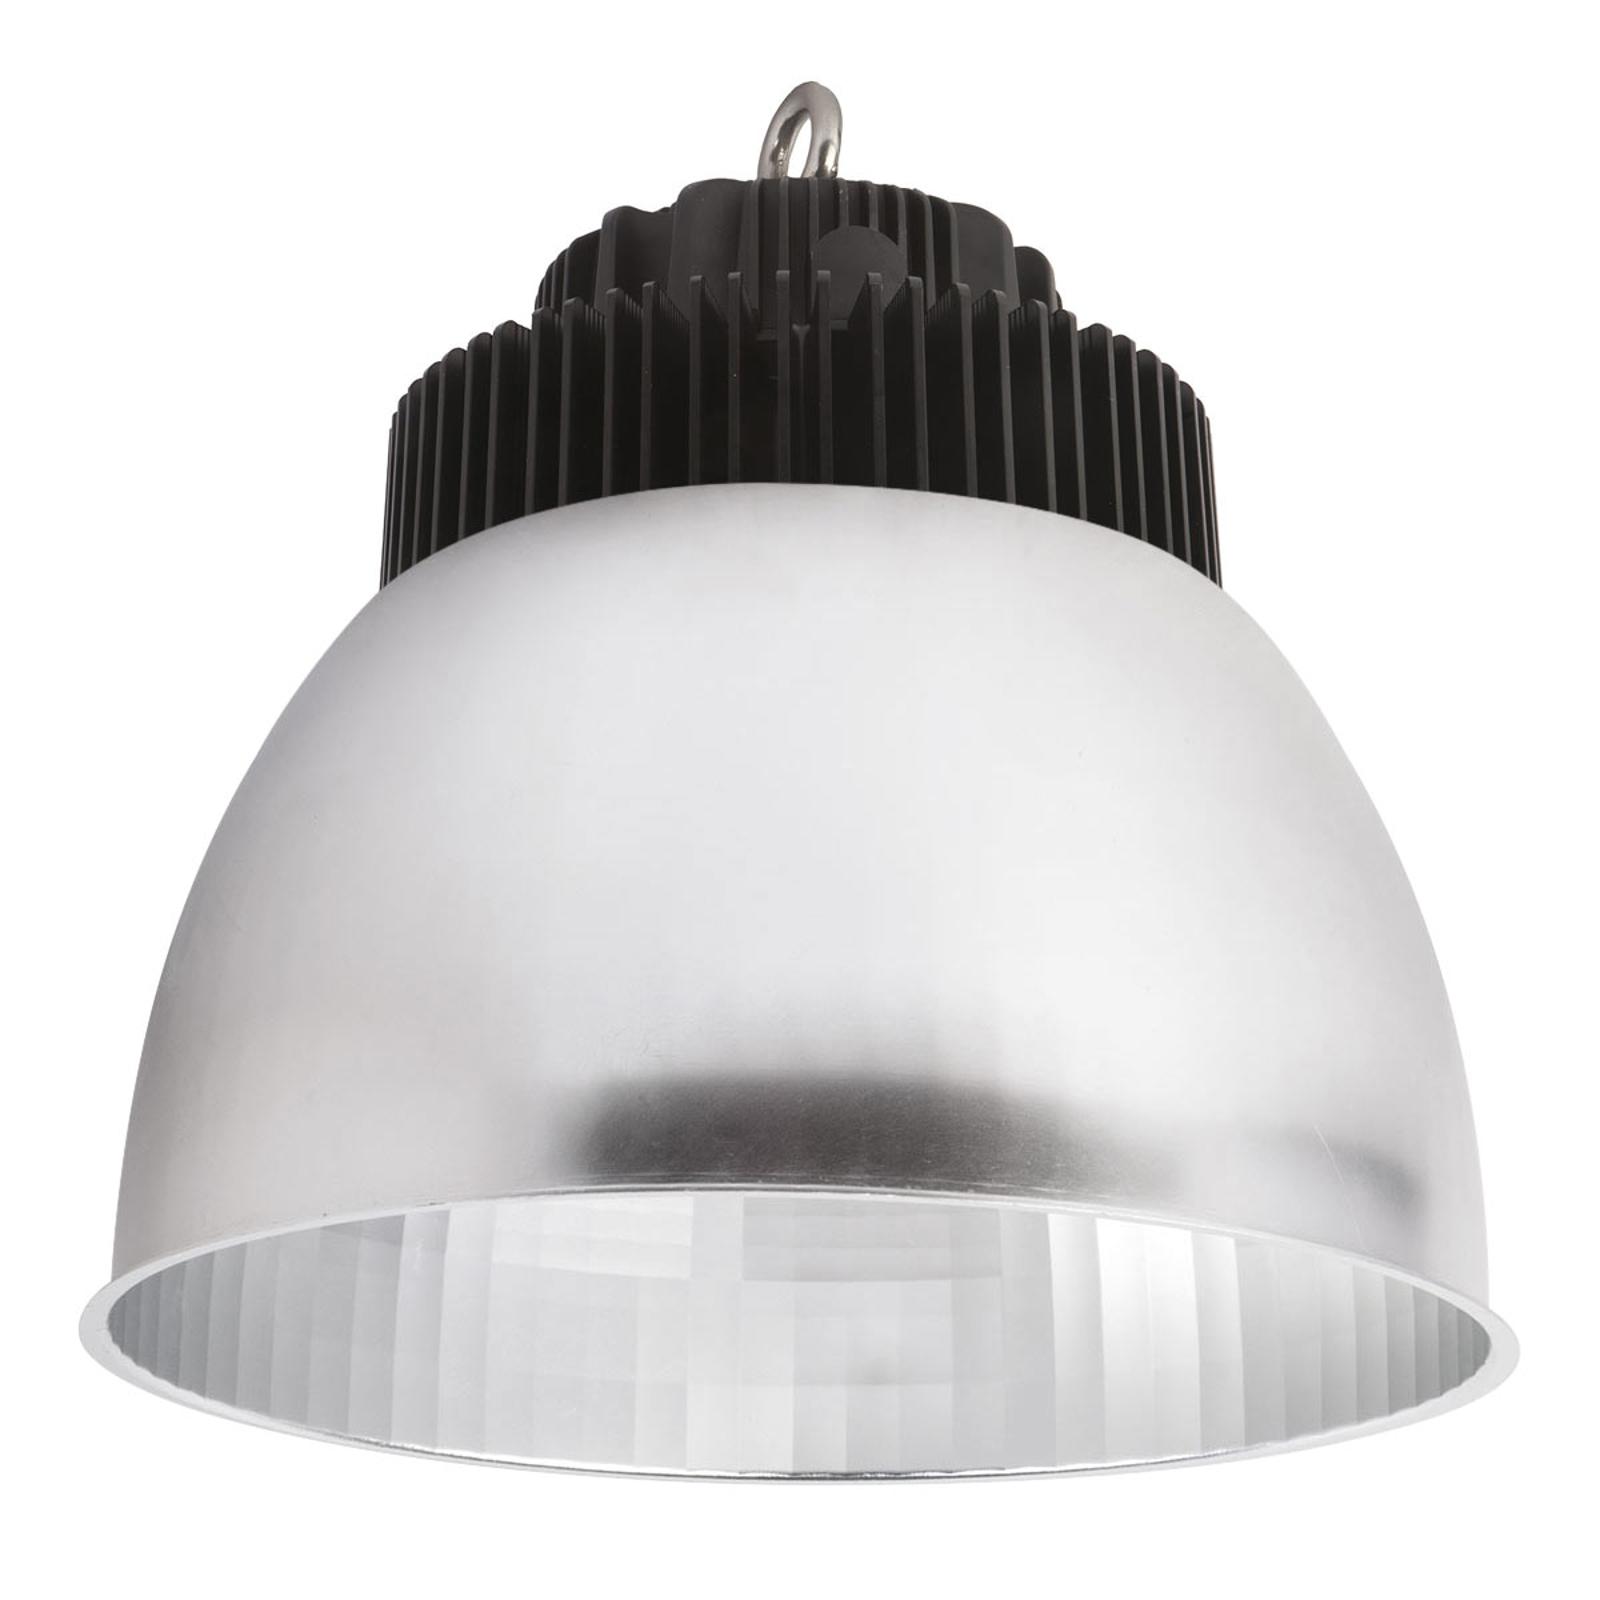 LED hal spot kroonluchter met 12.000 lumen, 110 W